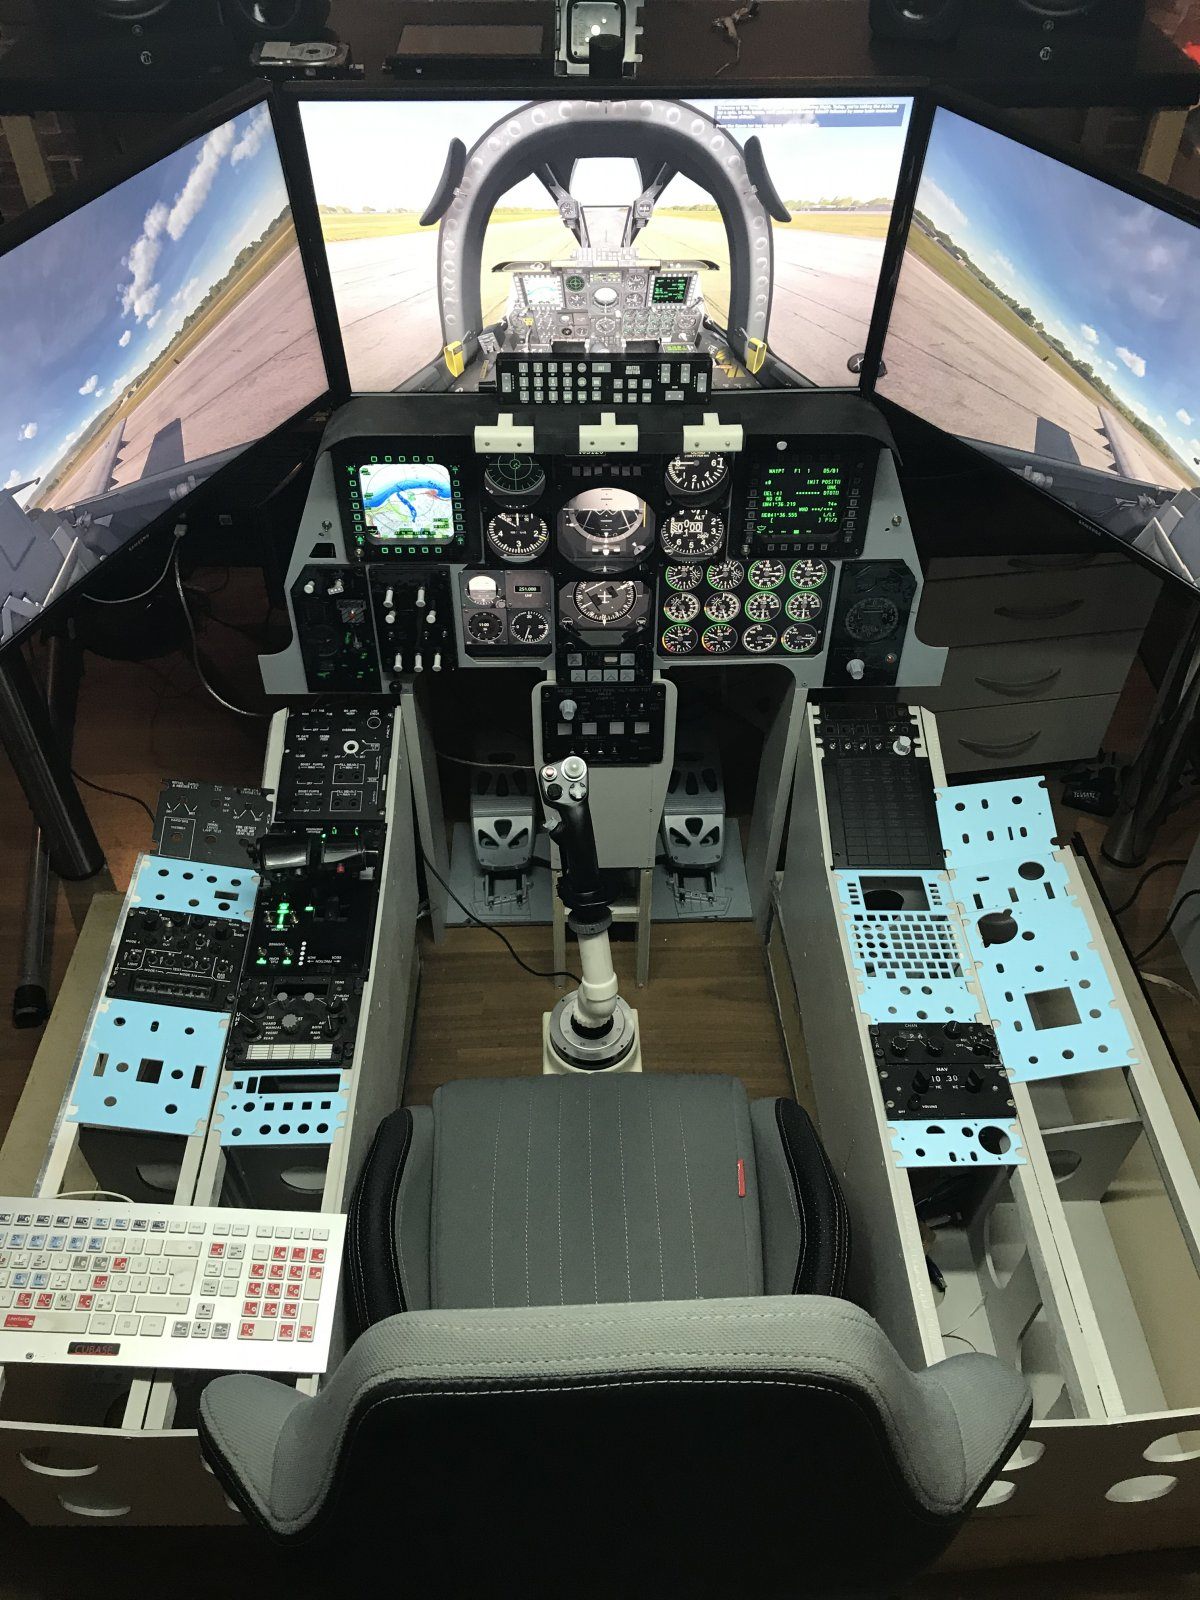 F701A309-0AD8-4E53-AA7C-B6DFE046C06C.jpeg